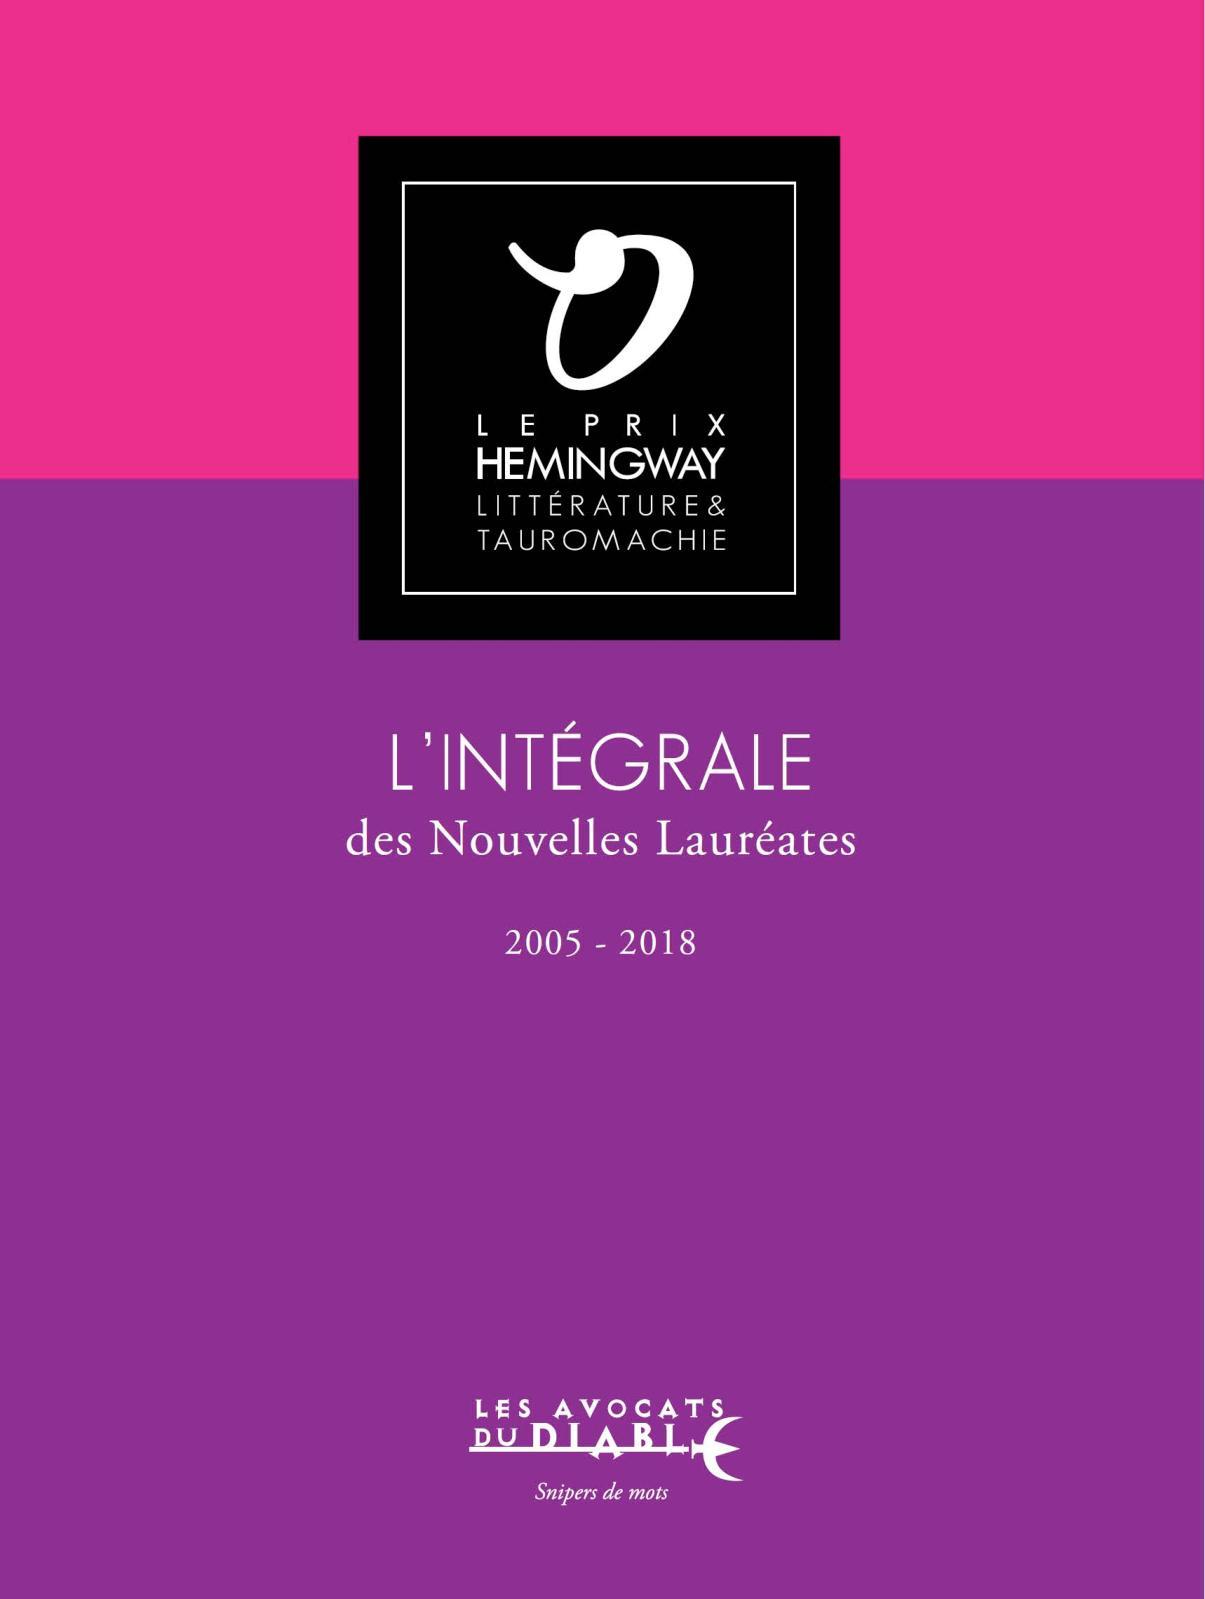 Calaméo - L intégrale Des Nouvelles Lauréates du Prix Hemingway 0b0f486dbdb6